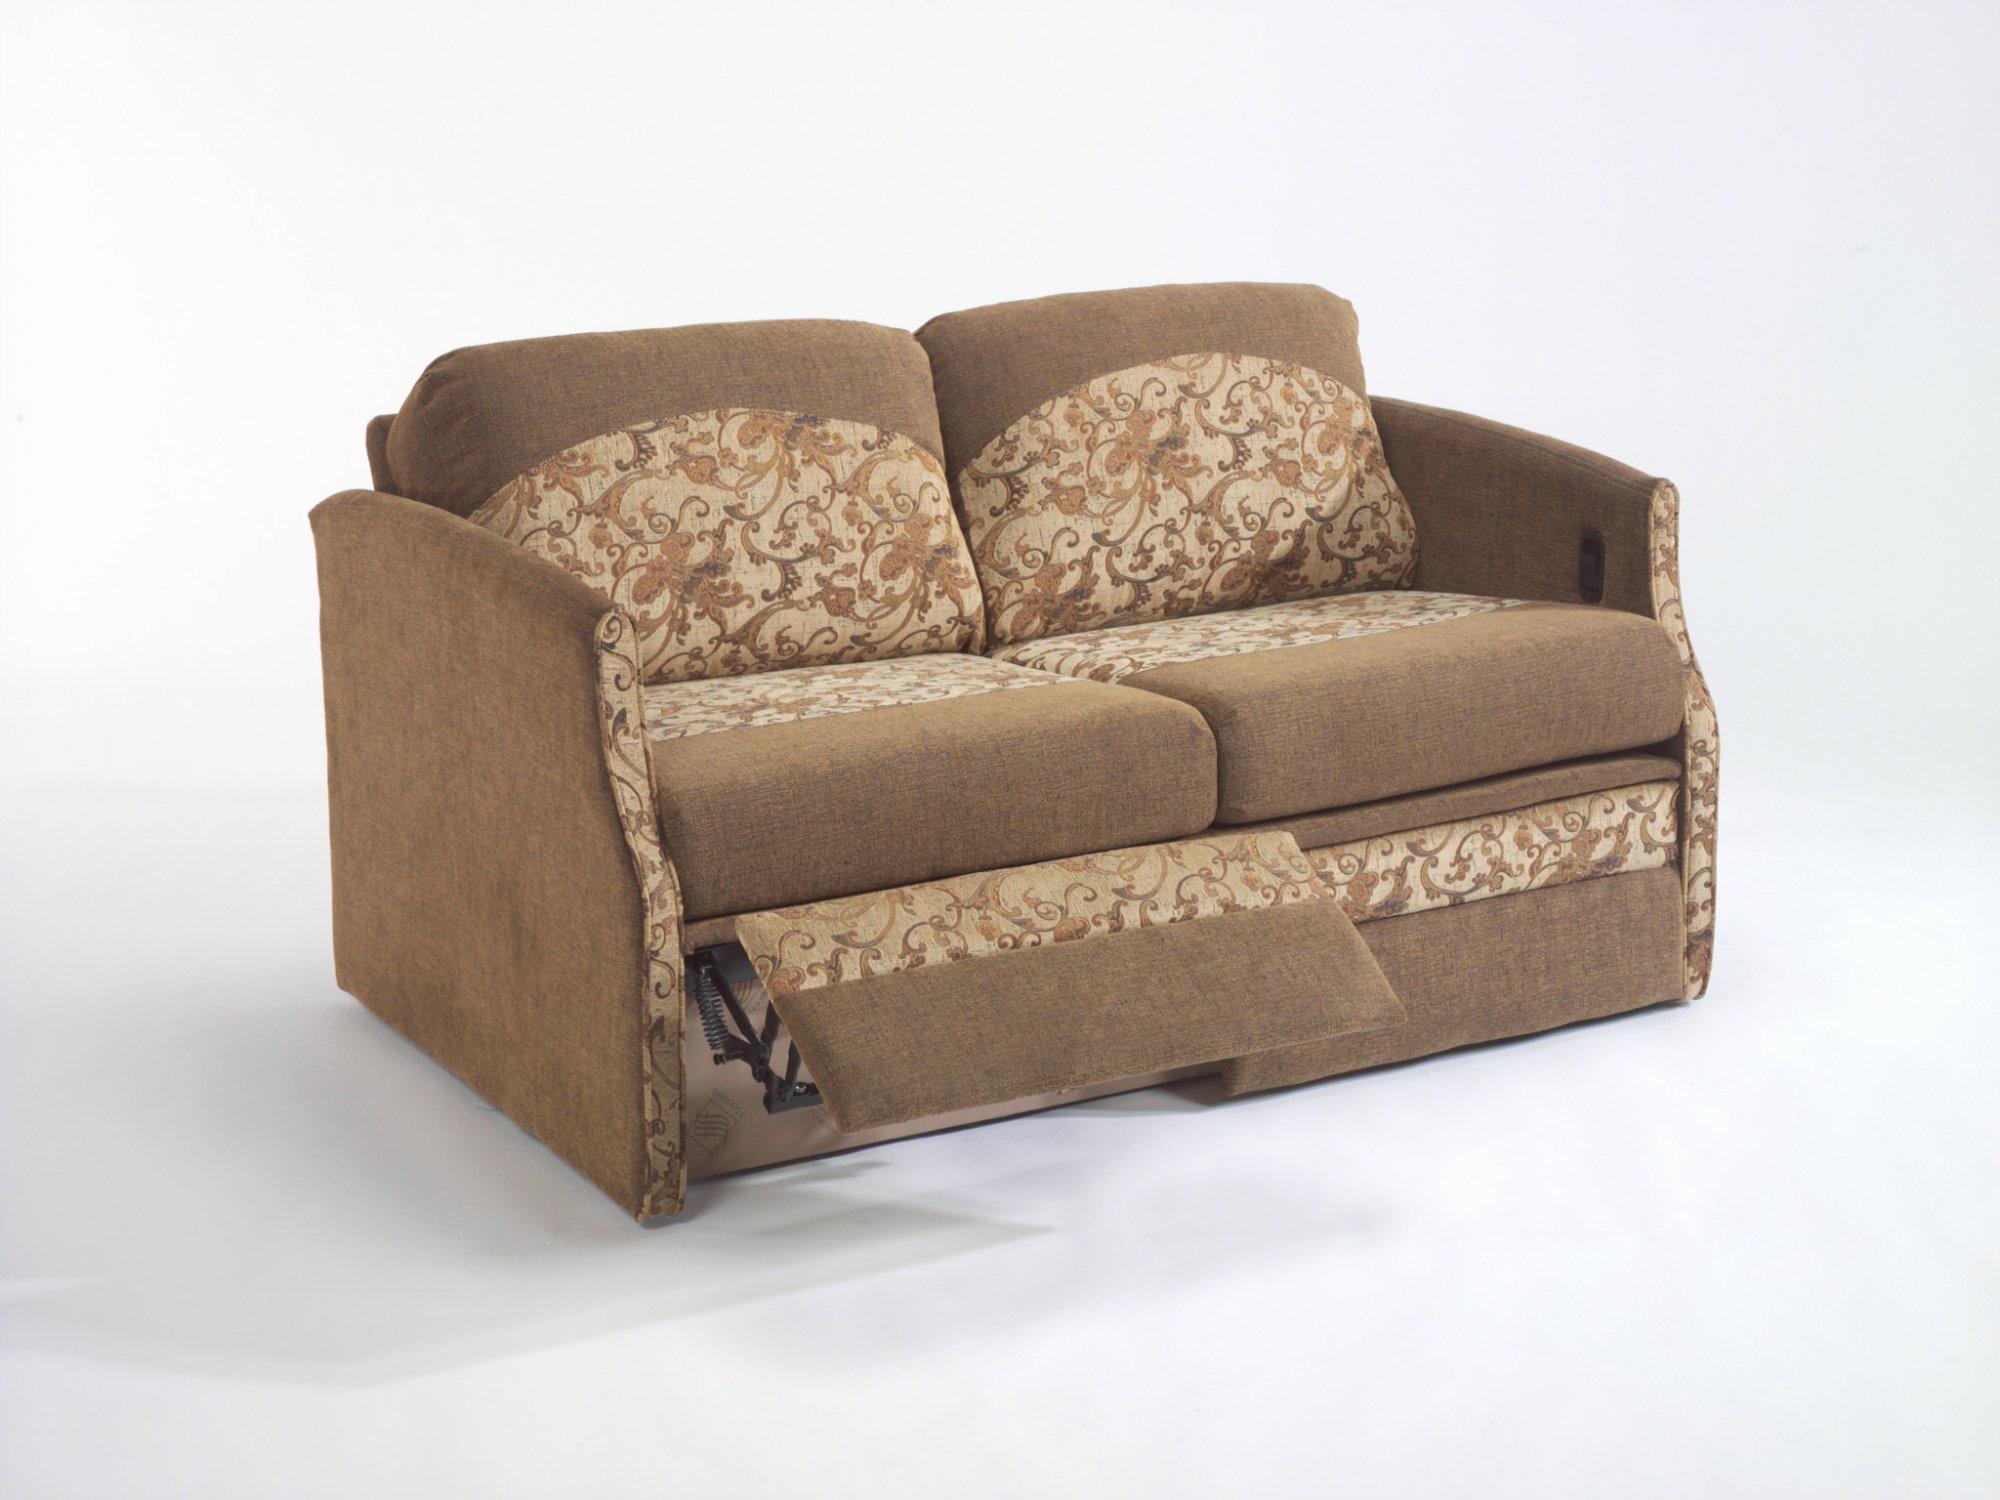 Bridgeport  Motor Home Convertible Sofa Sleeper